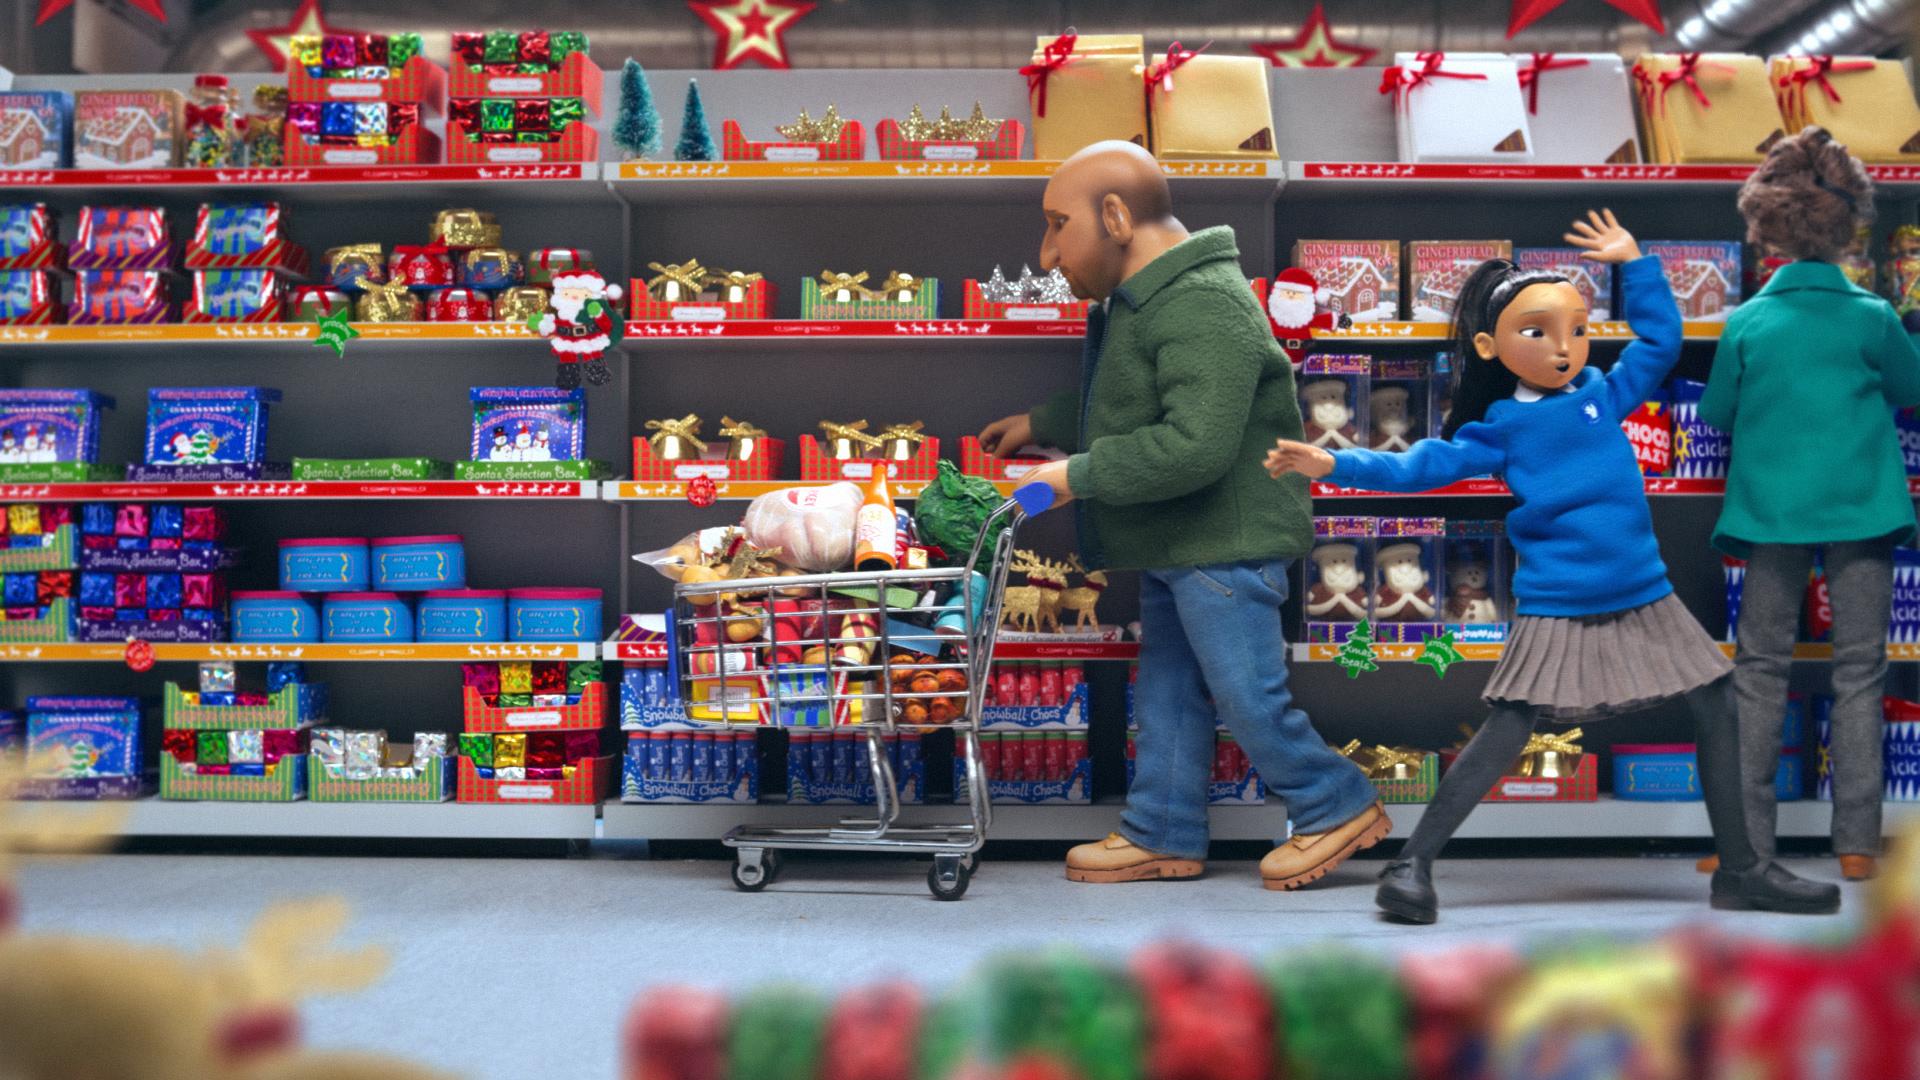 Bbc_Christmas_Bts_V3.00_00_44_09.still032